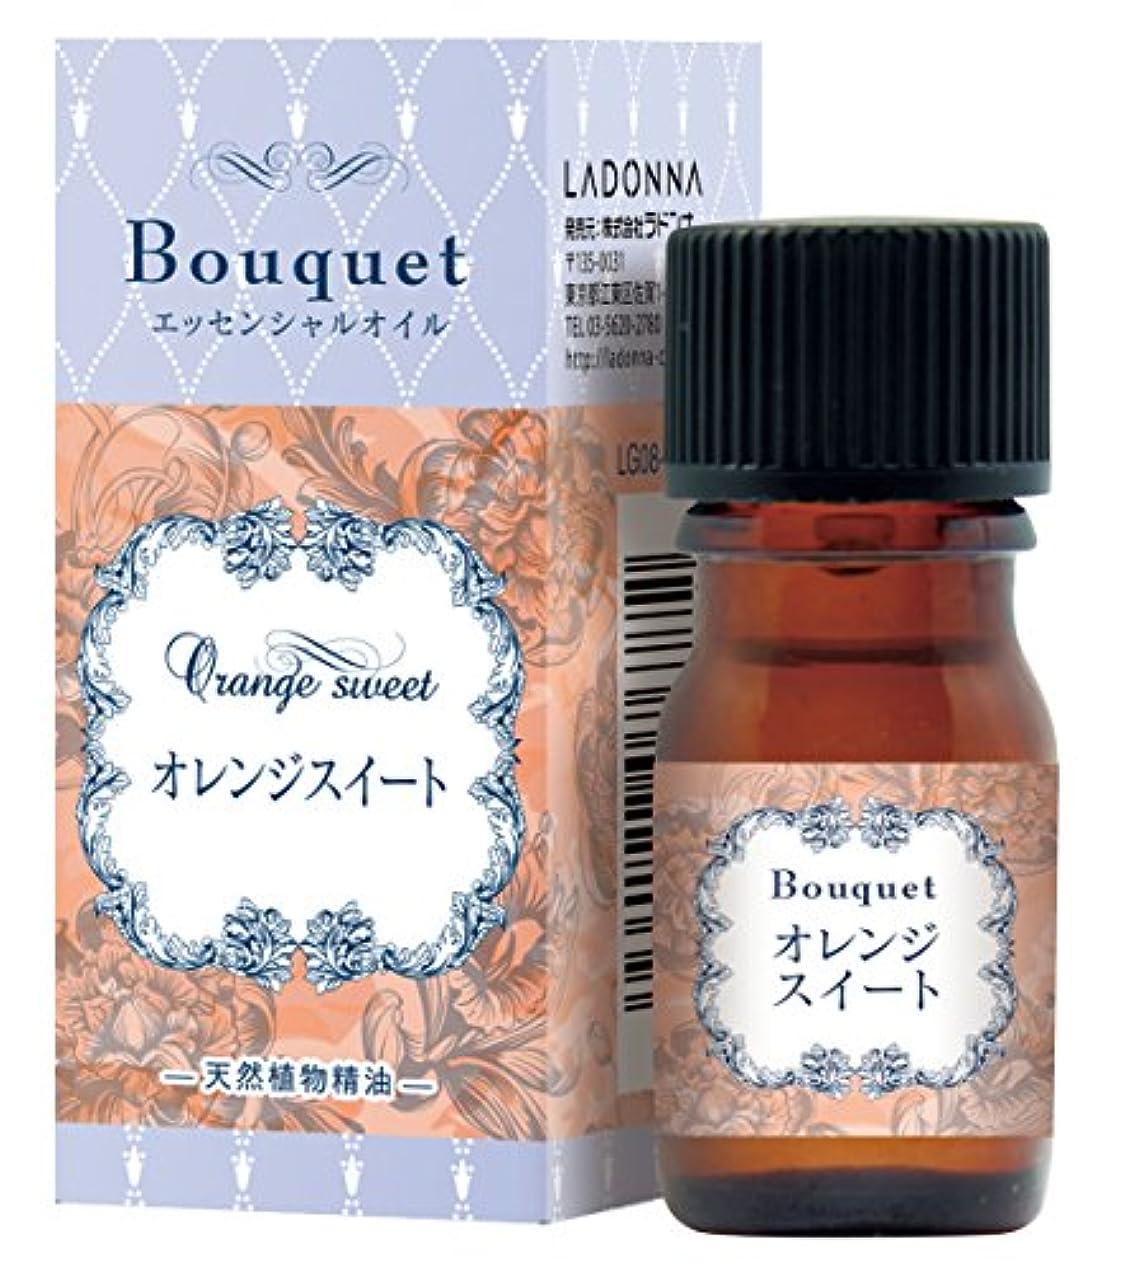 密輸リル懐疑論ラドンナ エッセンシャルオイル -天然植物精油- Bouquet(ブーケ) LG08-EO オレンジスイート